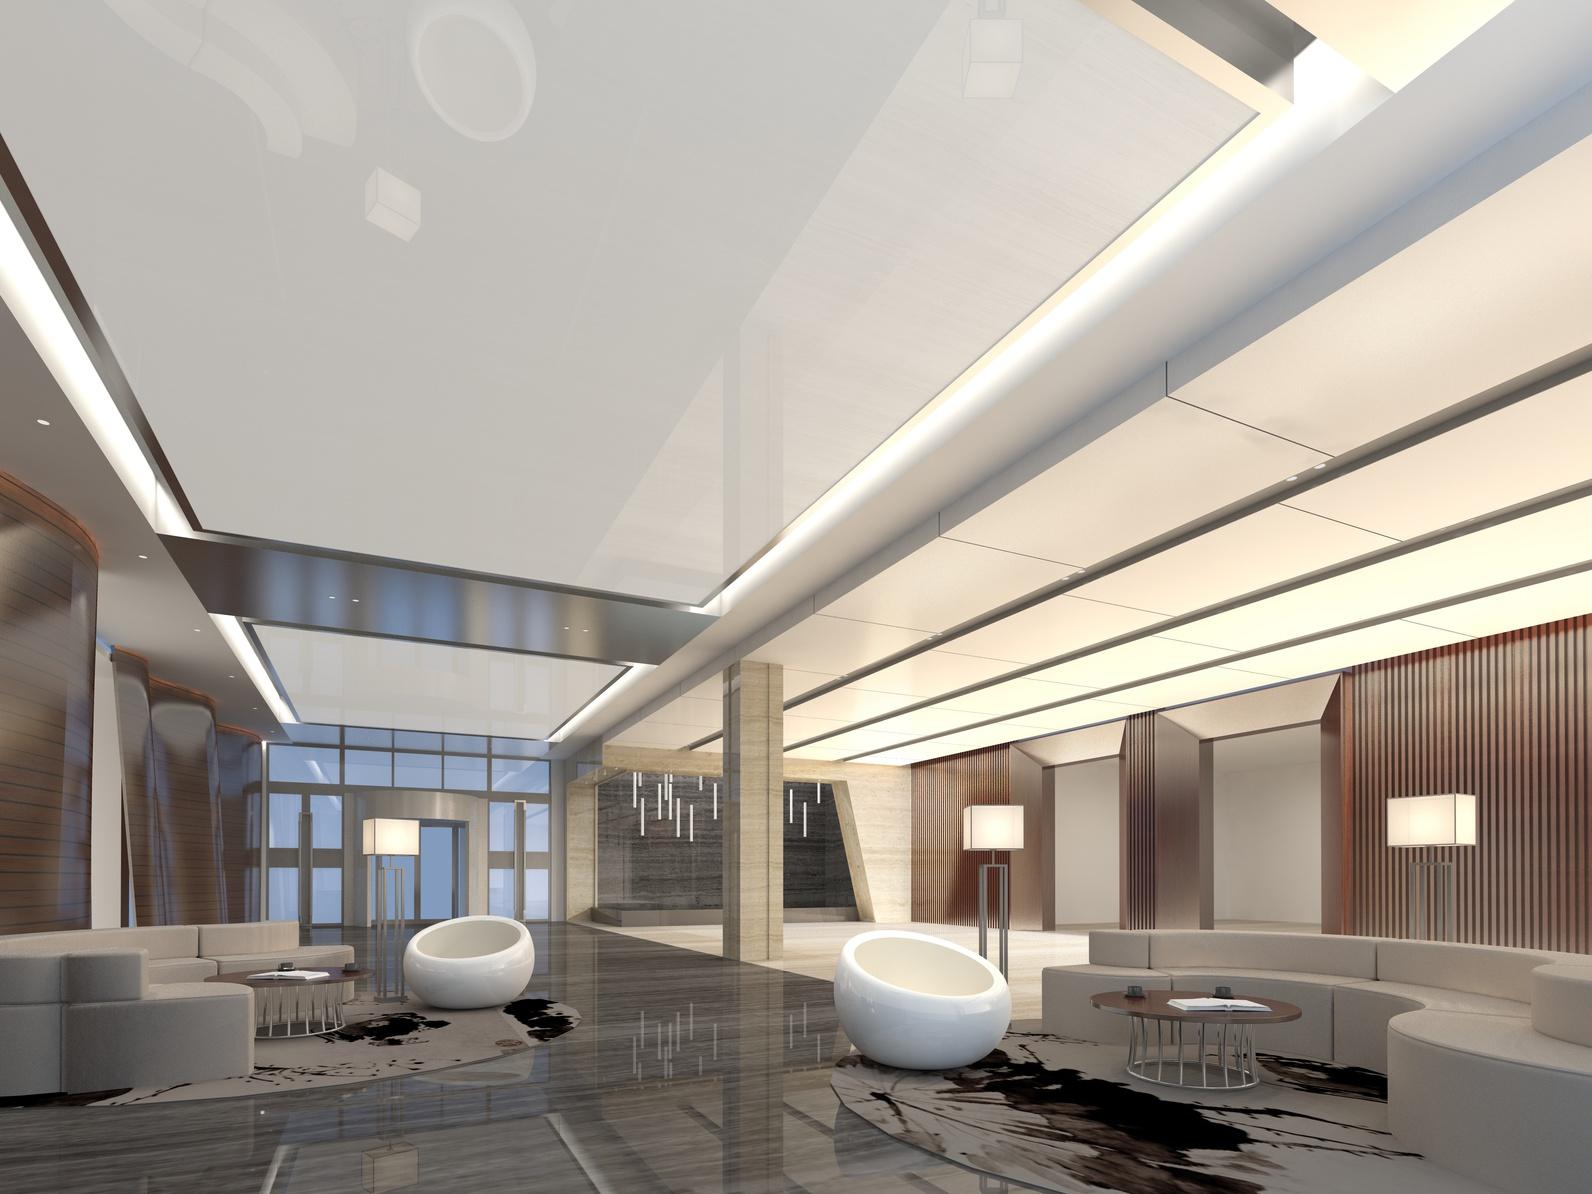 Condominium Lobby